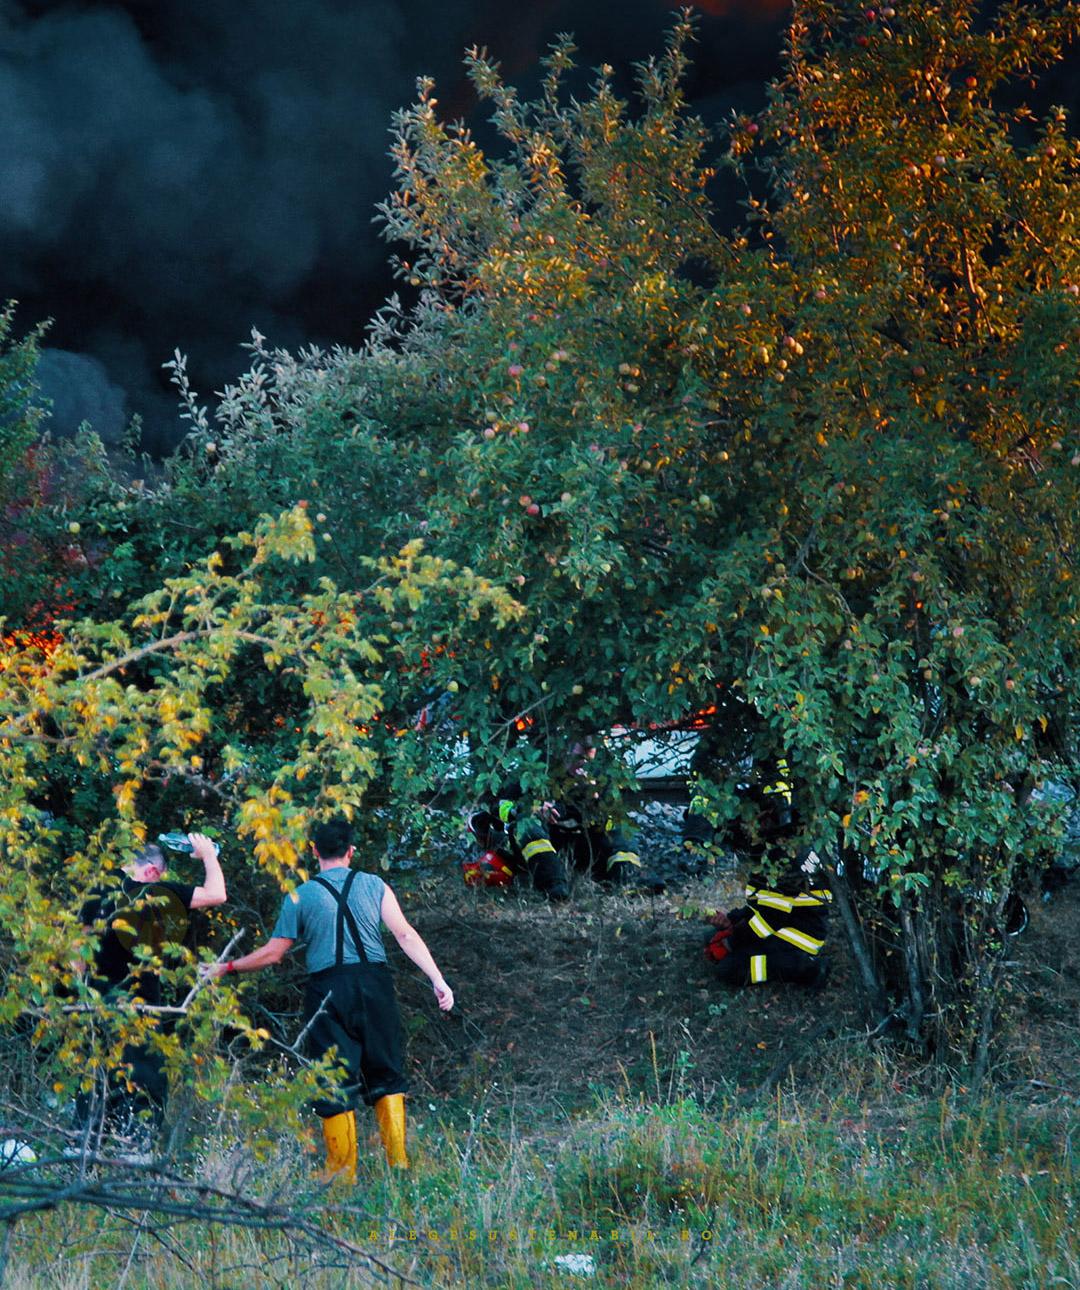 Pompierii se odihnesc dupa interventia de la Fabrica de Orez Atifco din Bragadiru mancand mere din copacii aflati in apropiere